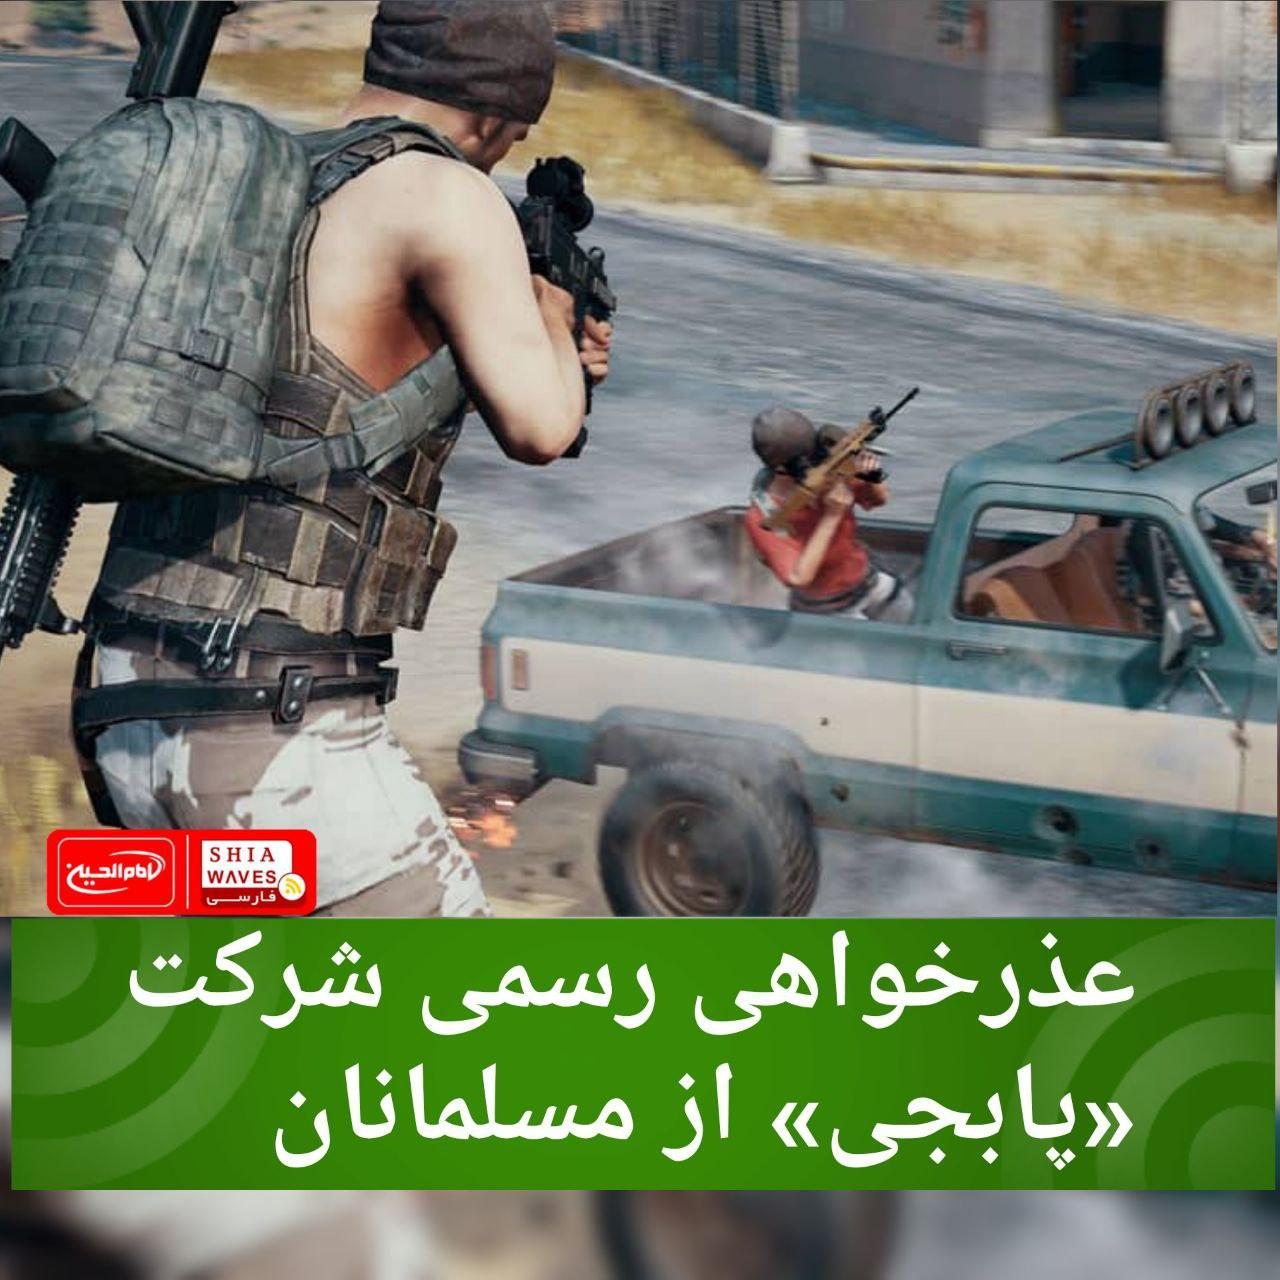 """تصویر عذرخواهی رسمی شرکت """"پابجی"""" از مسلمانان"""